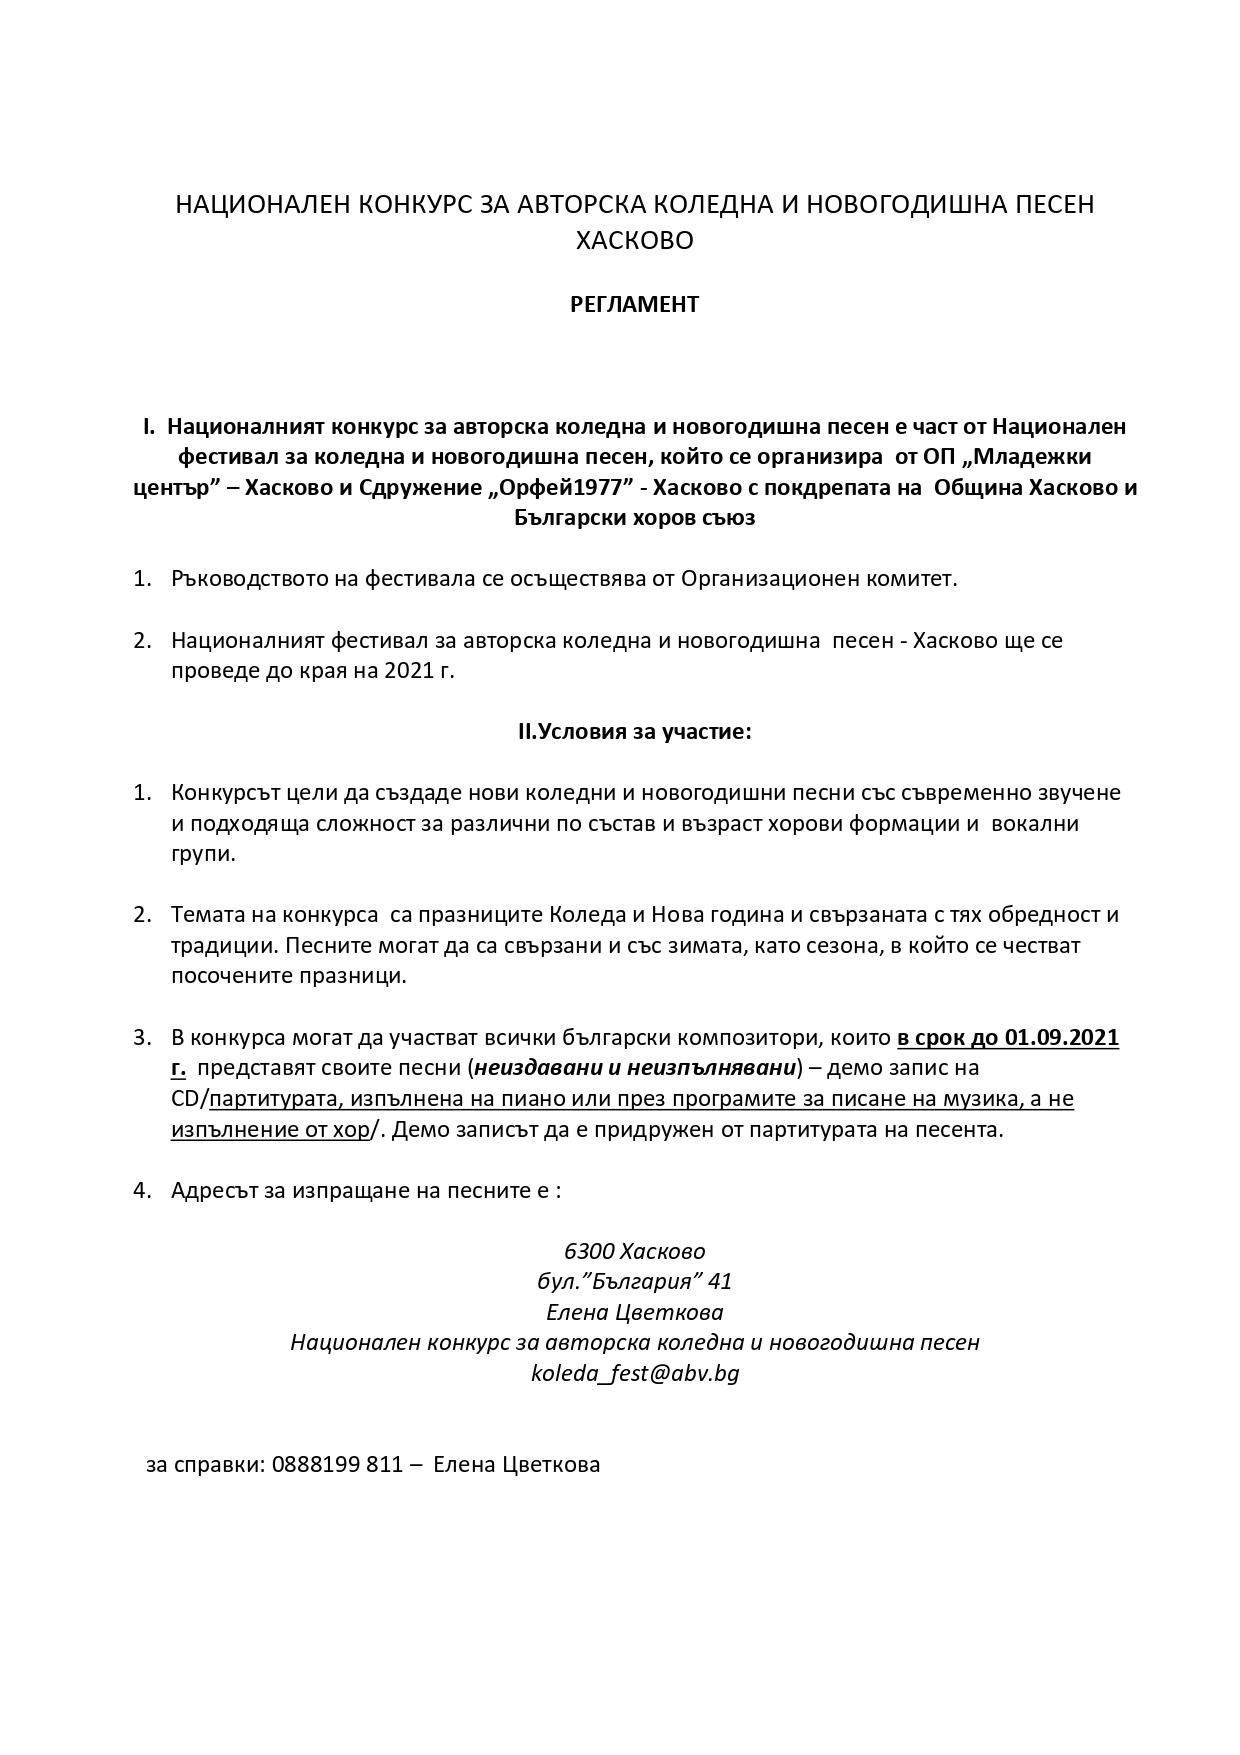 reglament_avtori_2020_page-0001